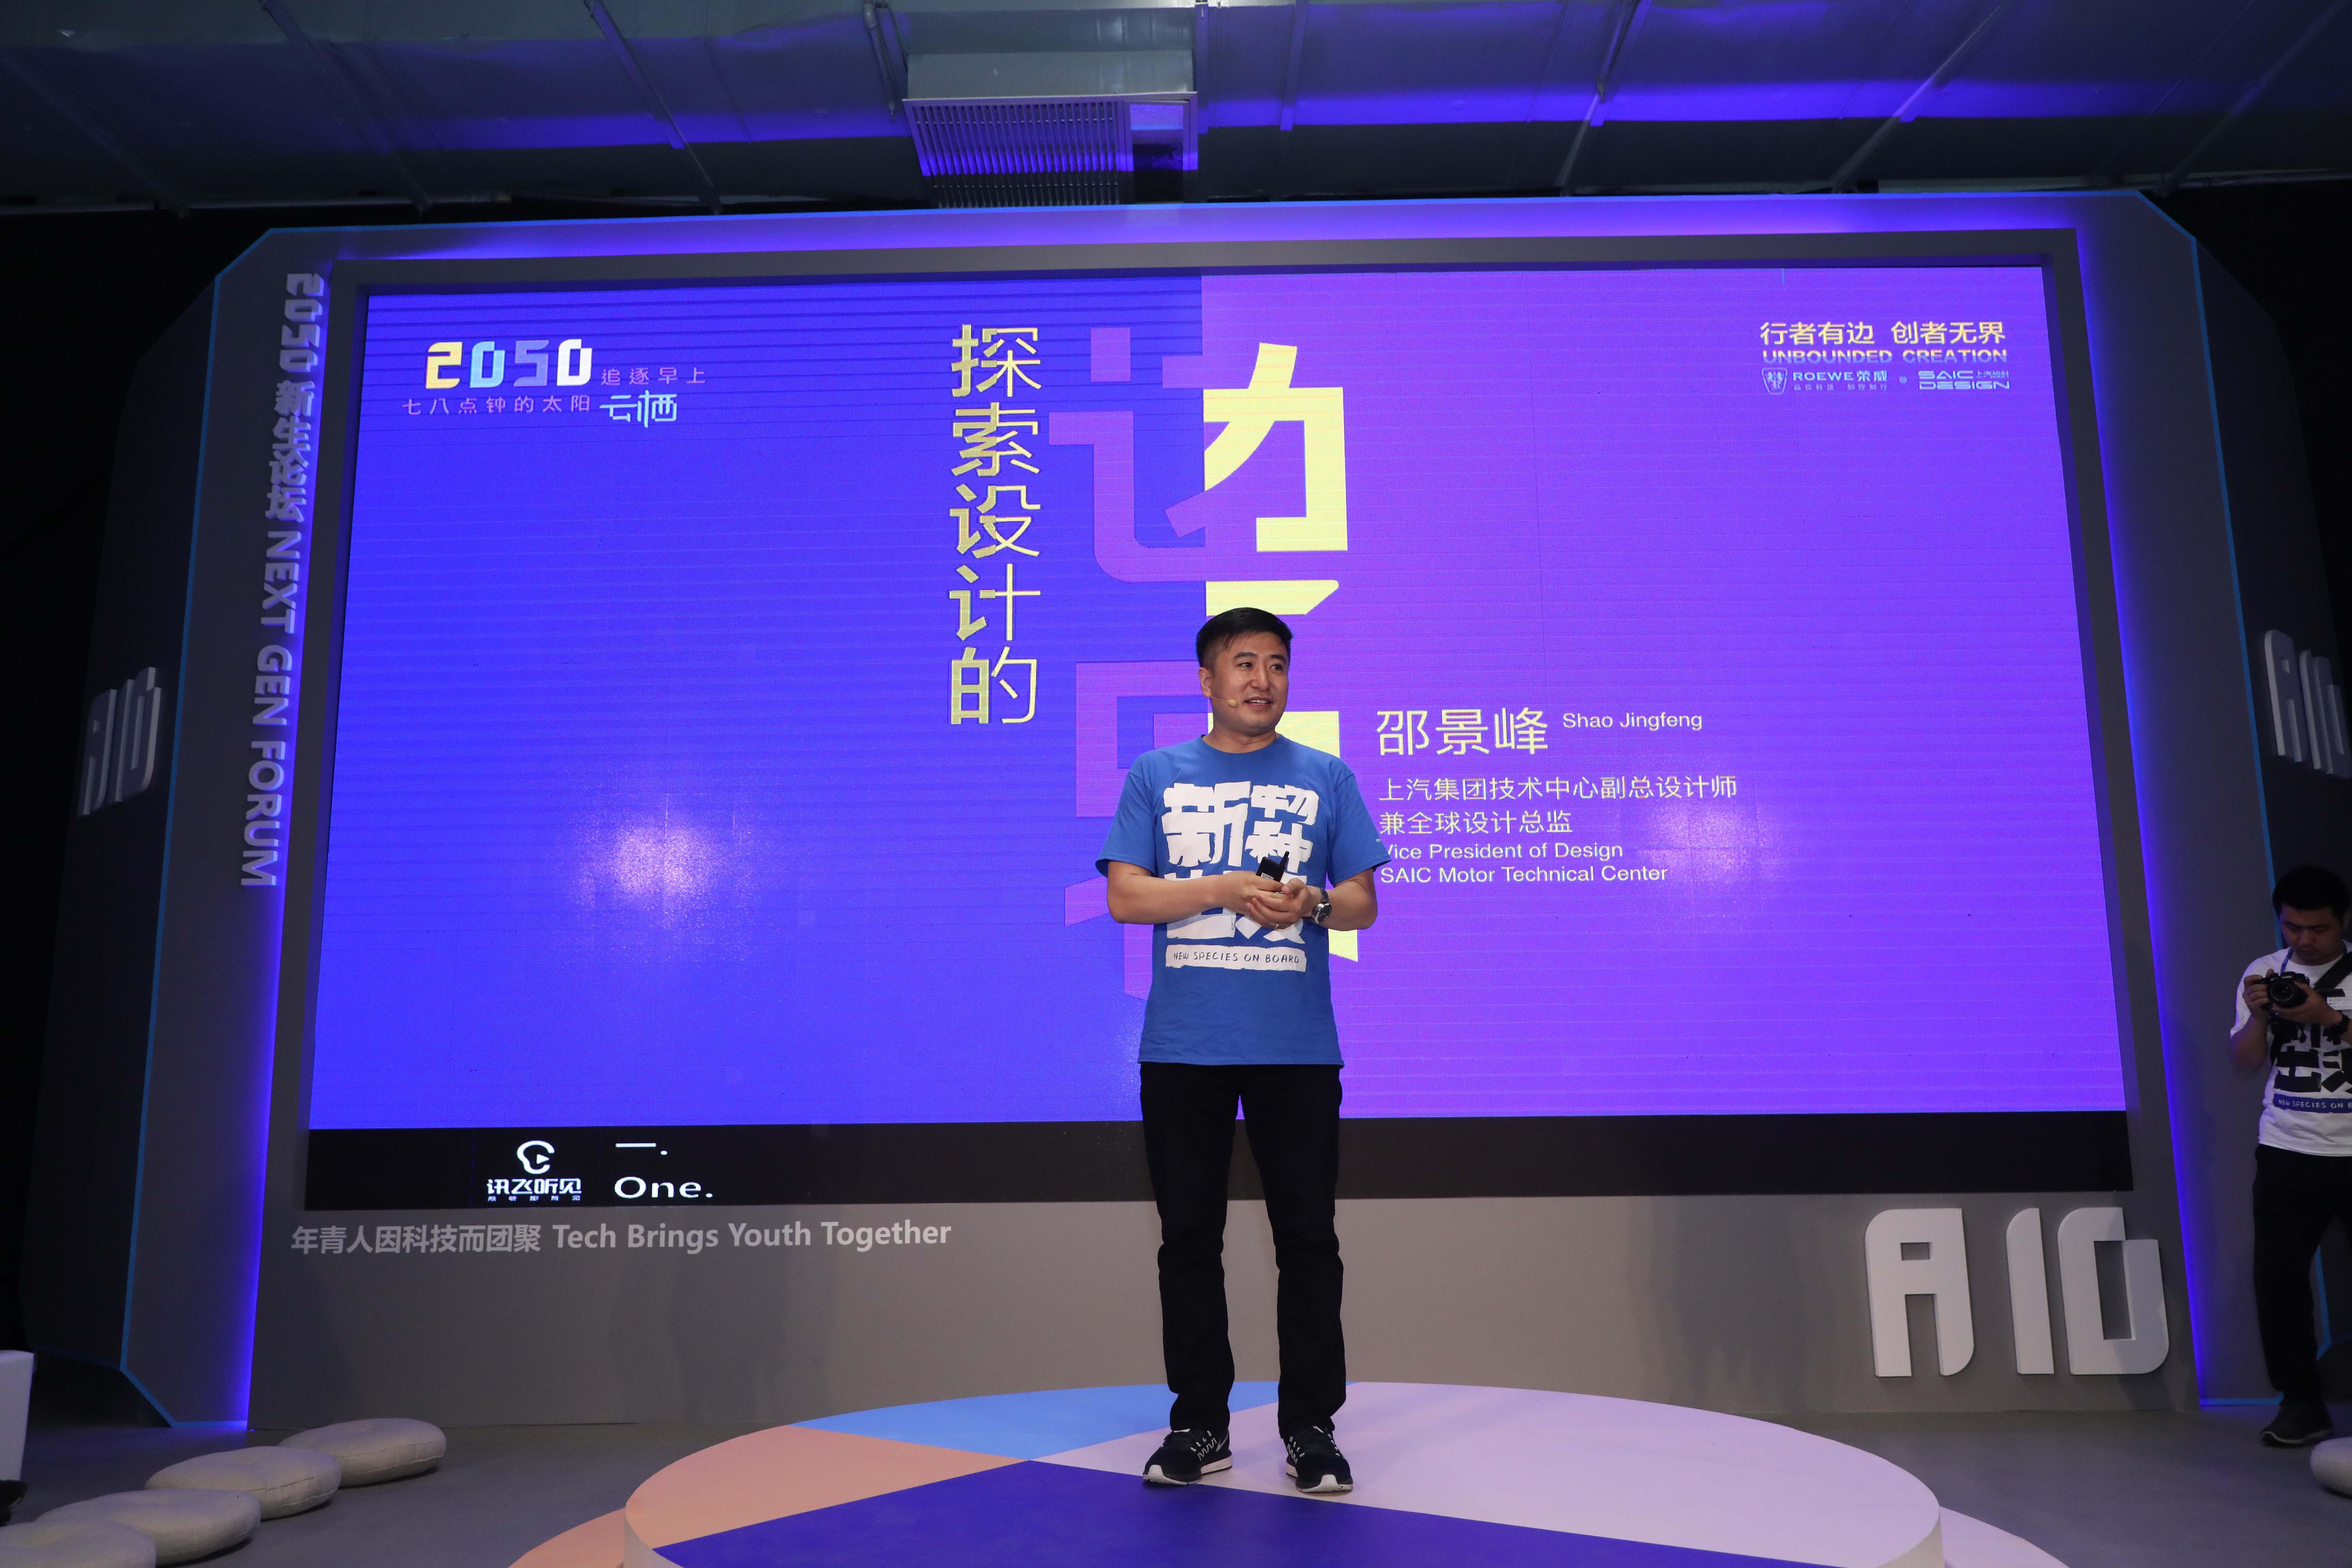 荣威MARVEL X亮相2050大会 前瞻设计启发年青力量